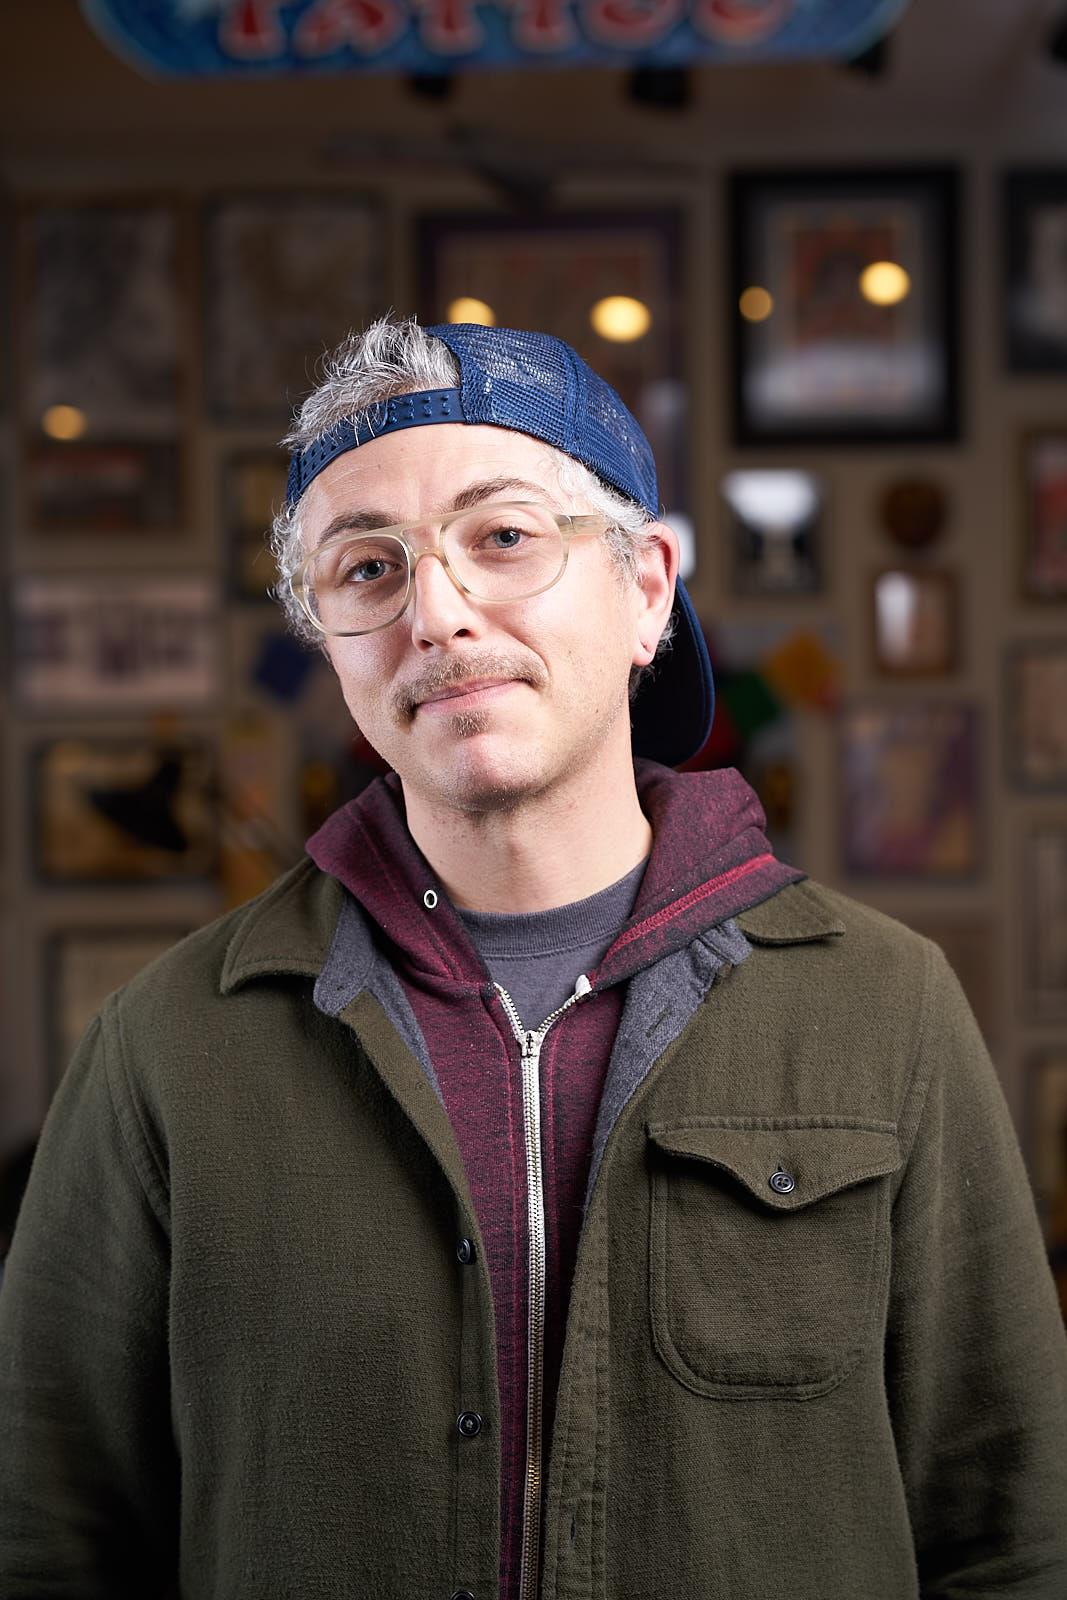 Nick Rizzano Portrait - Tattooer at Great Wave Tattoo